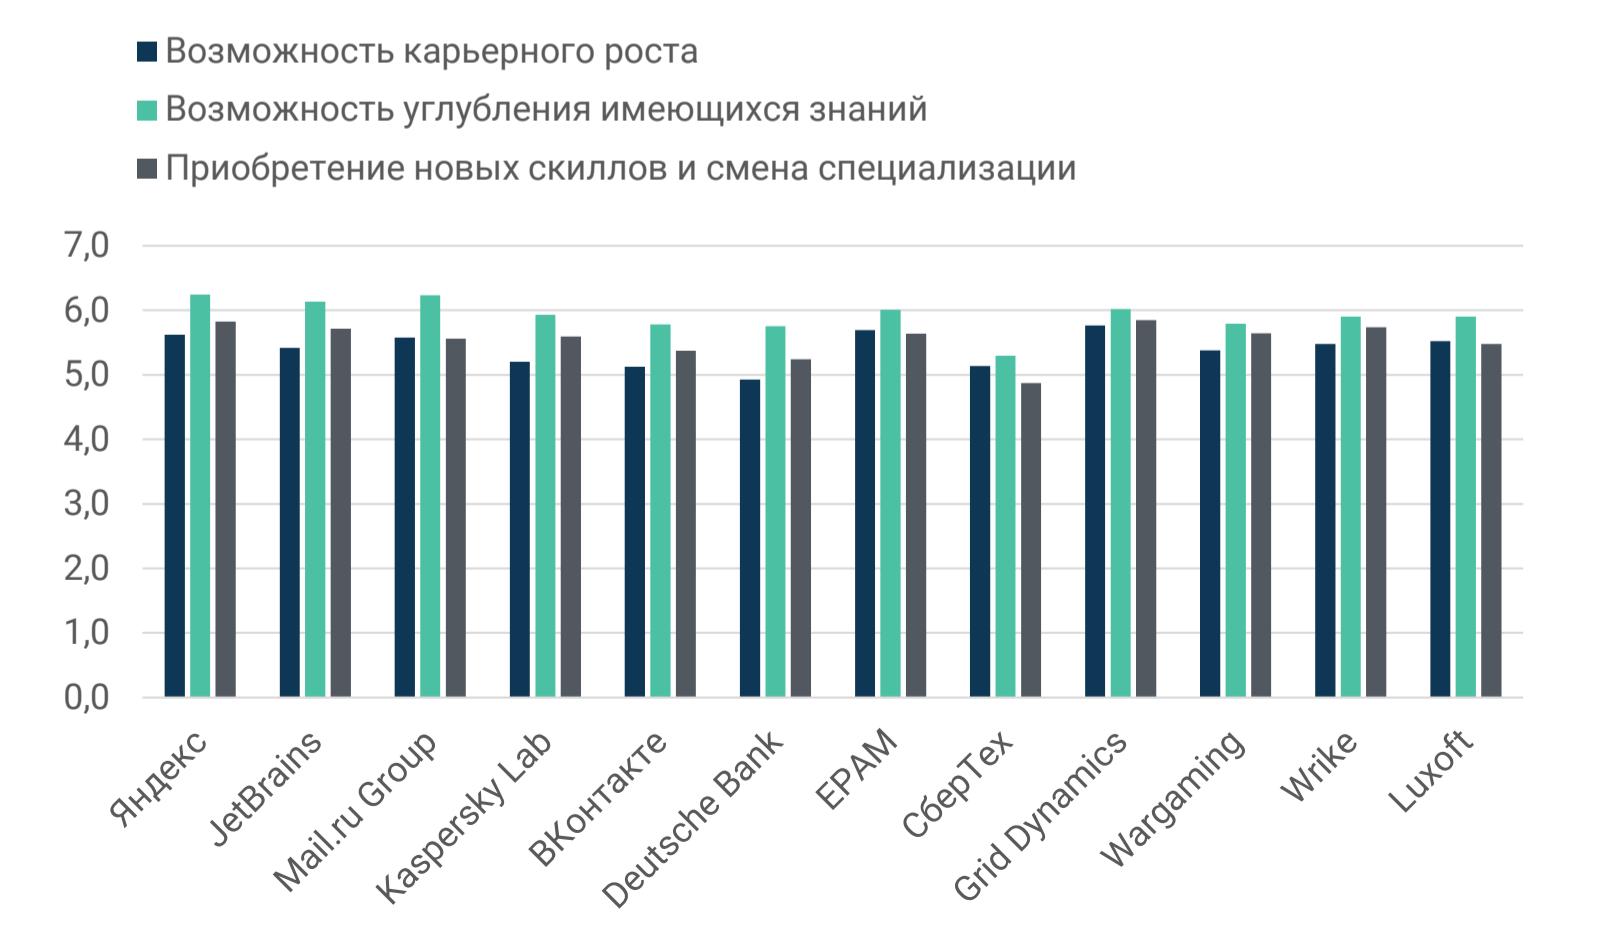 Рейтинг ИТ-работодателей Санкт-Петербурга и Москвы: результаты опроса разработчиков - 9